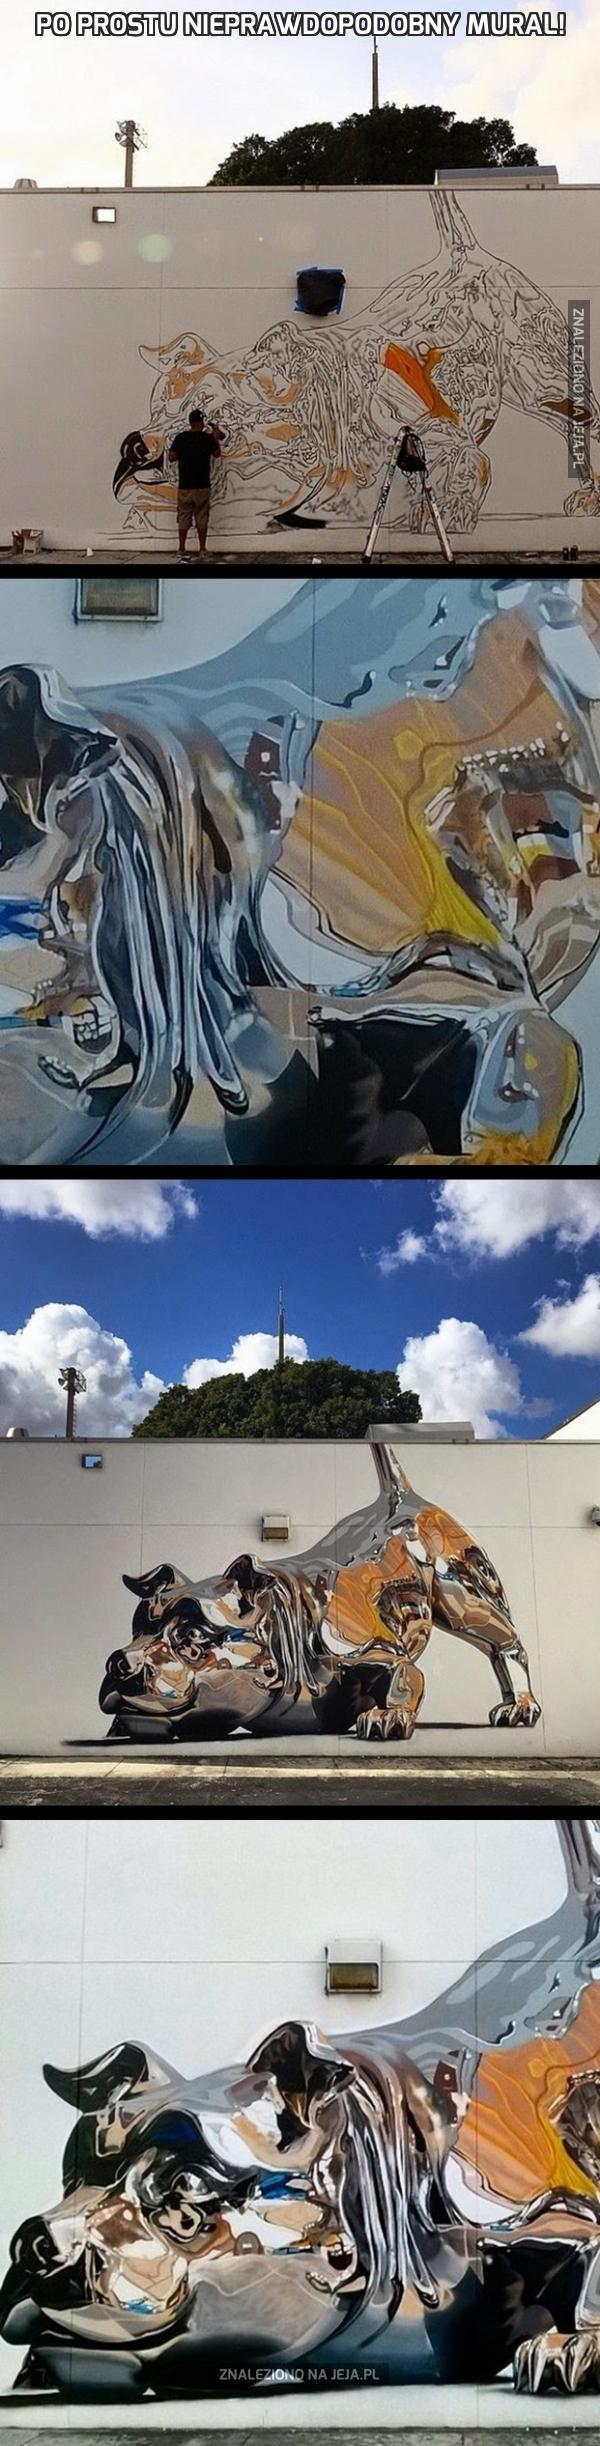 Po prostu nieprawdopodobny mural!